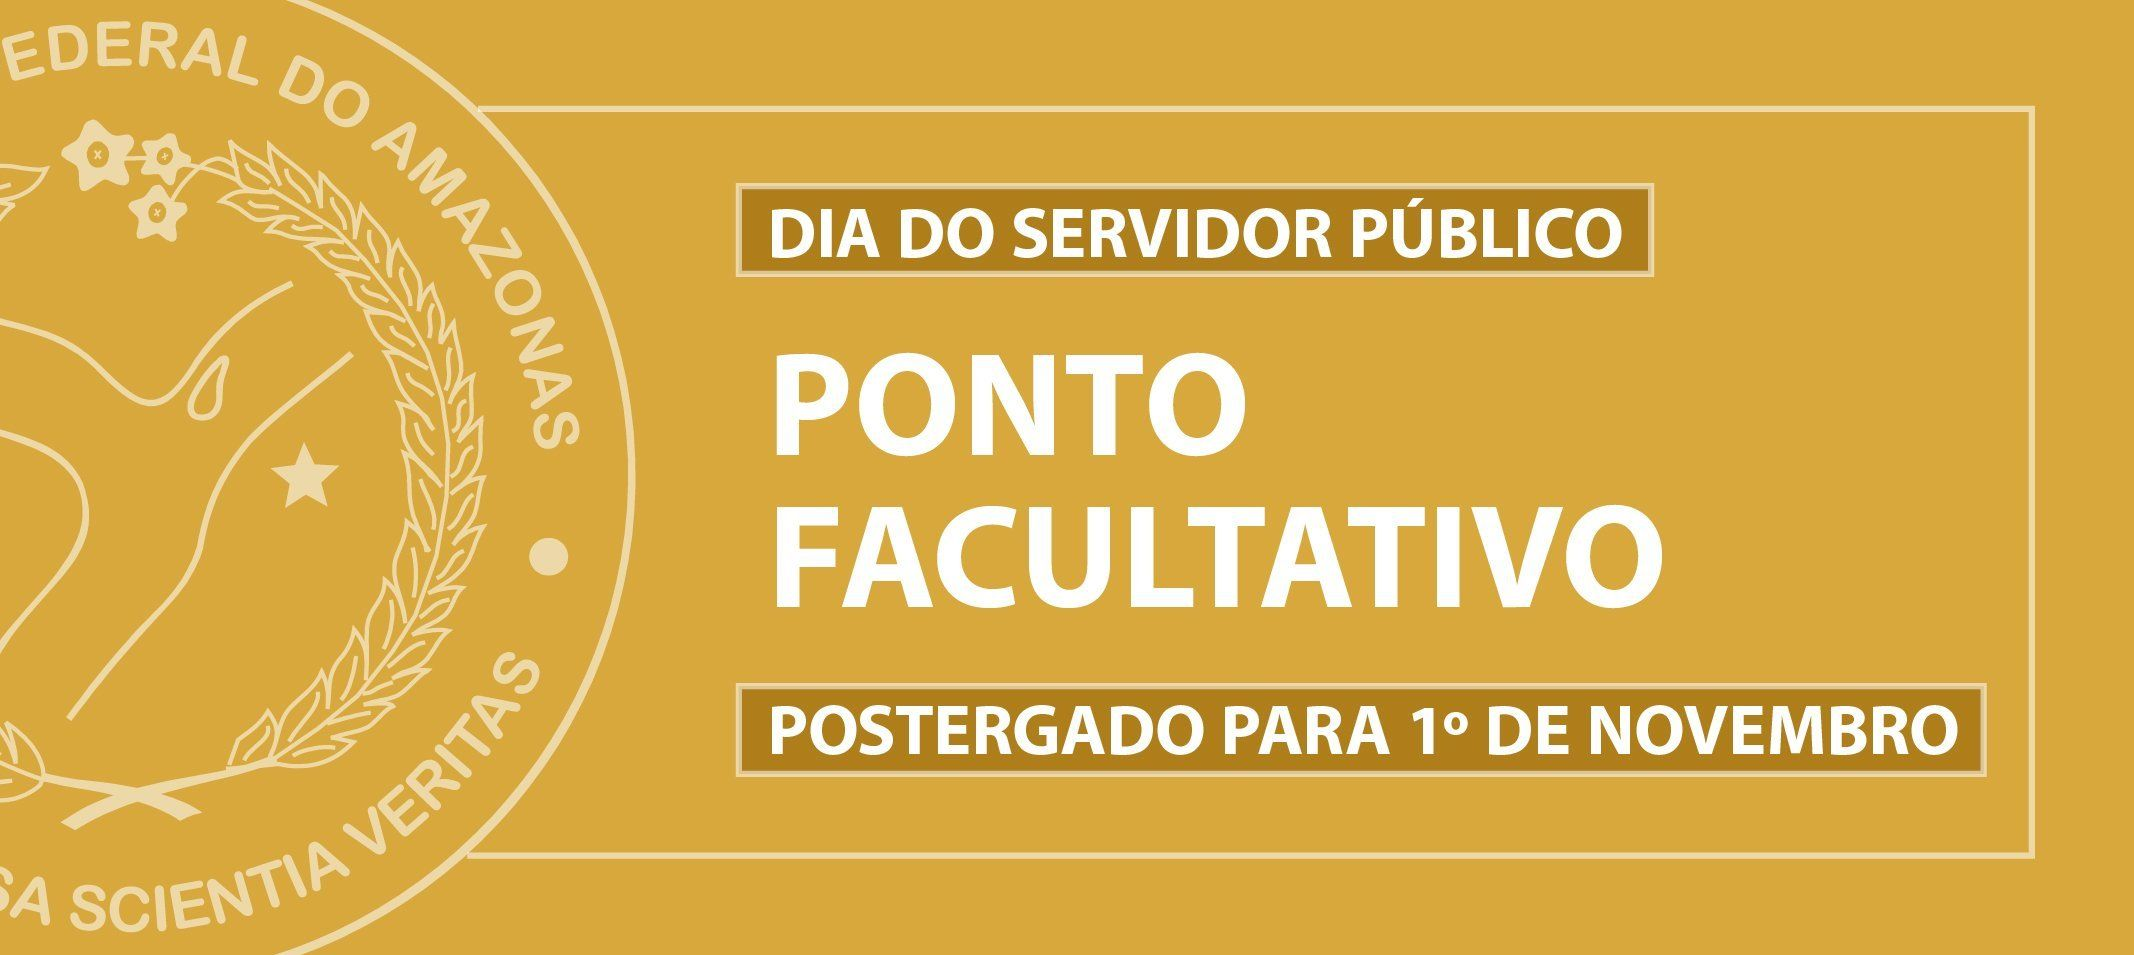 Ponto facultativo do dia do Servidor Público postergado para o dia 1 de novembro